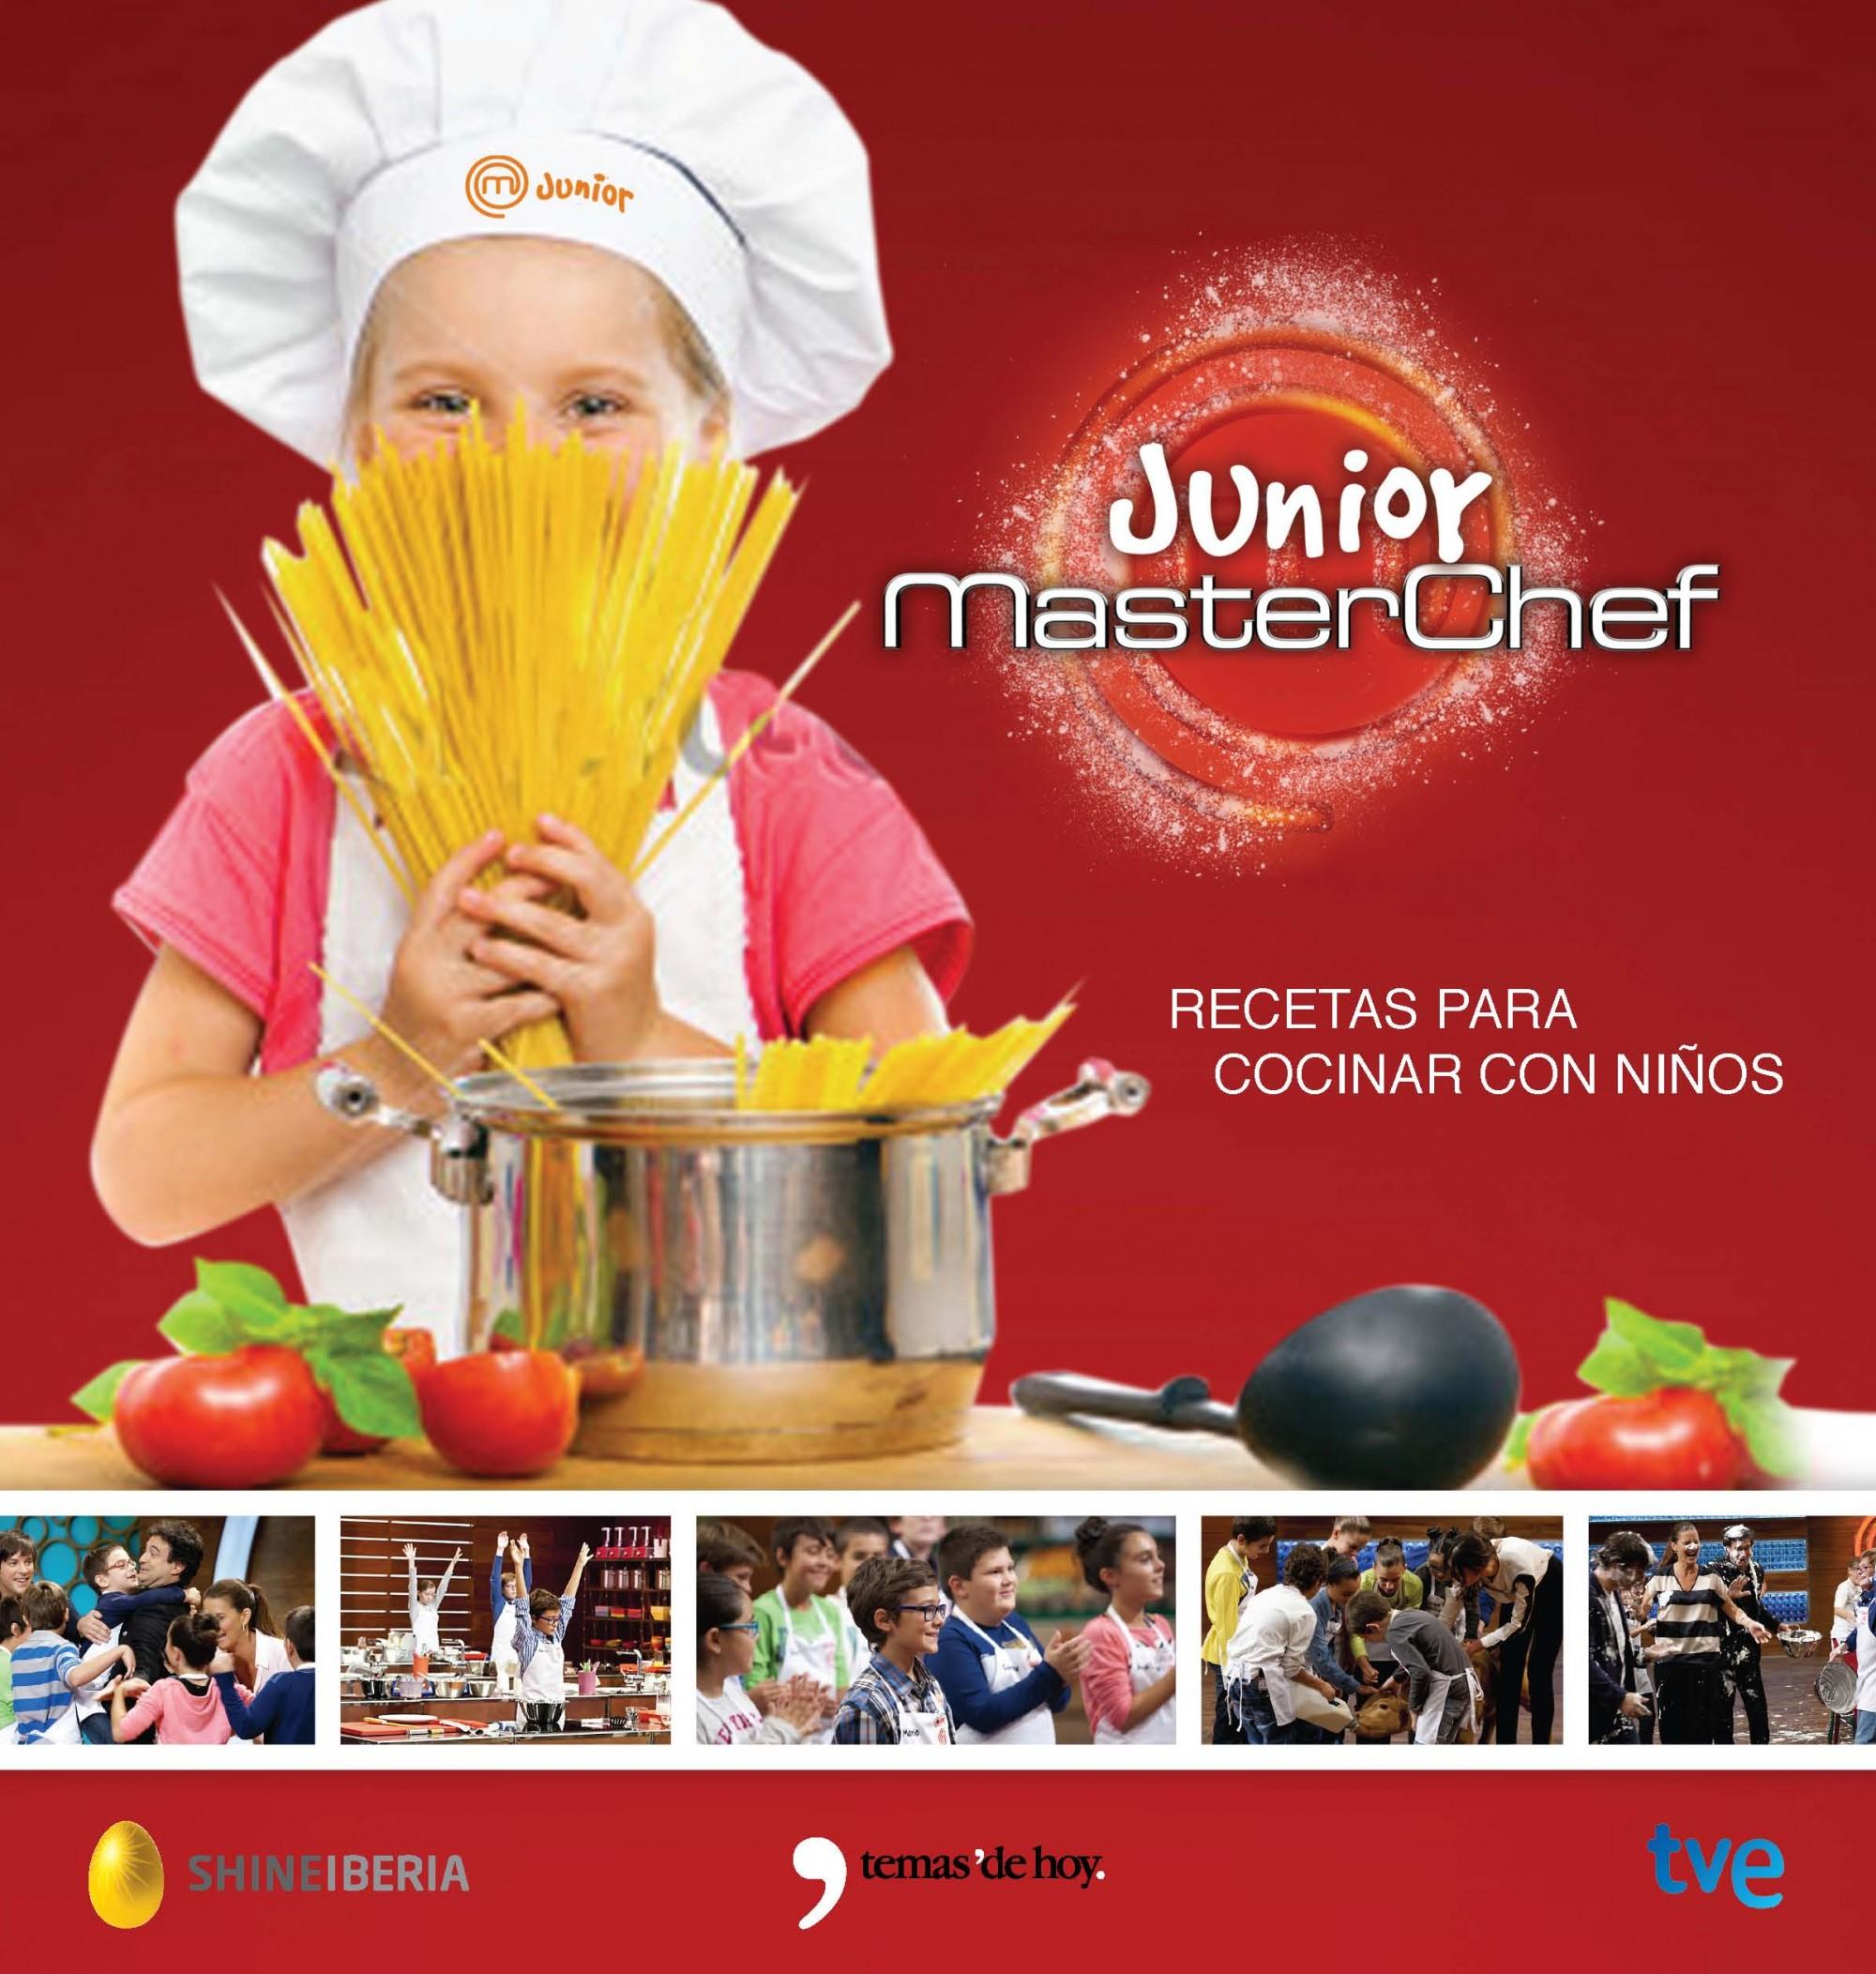 Recetas De Cocina Masterchef | Masterchef Junior Recetas Para Cocinar Con Ninos Vv Aa